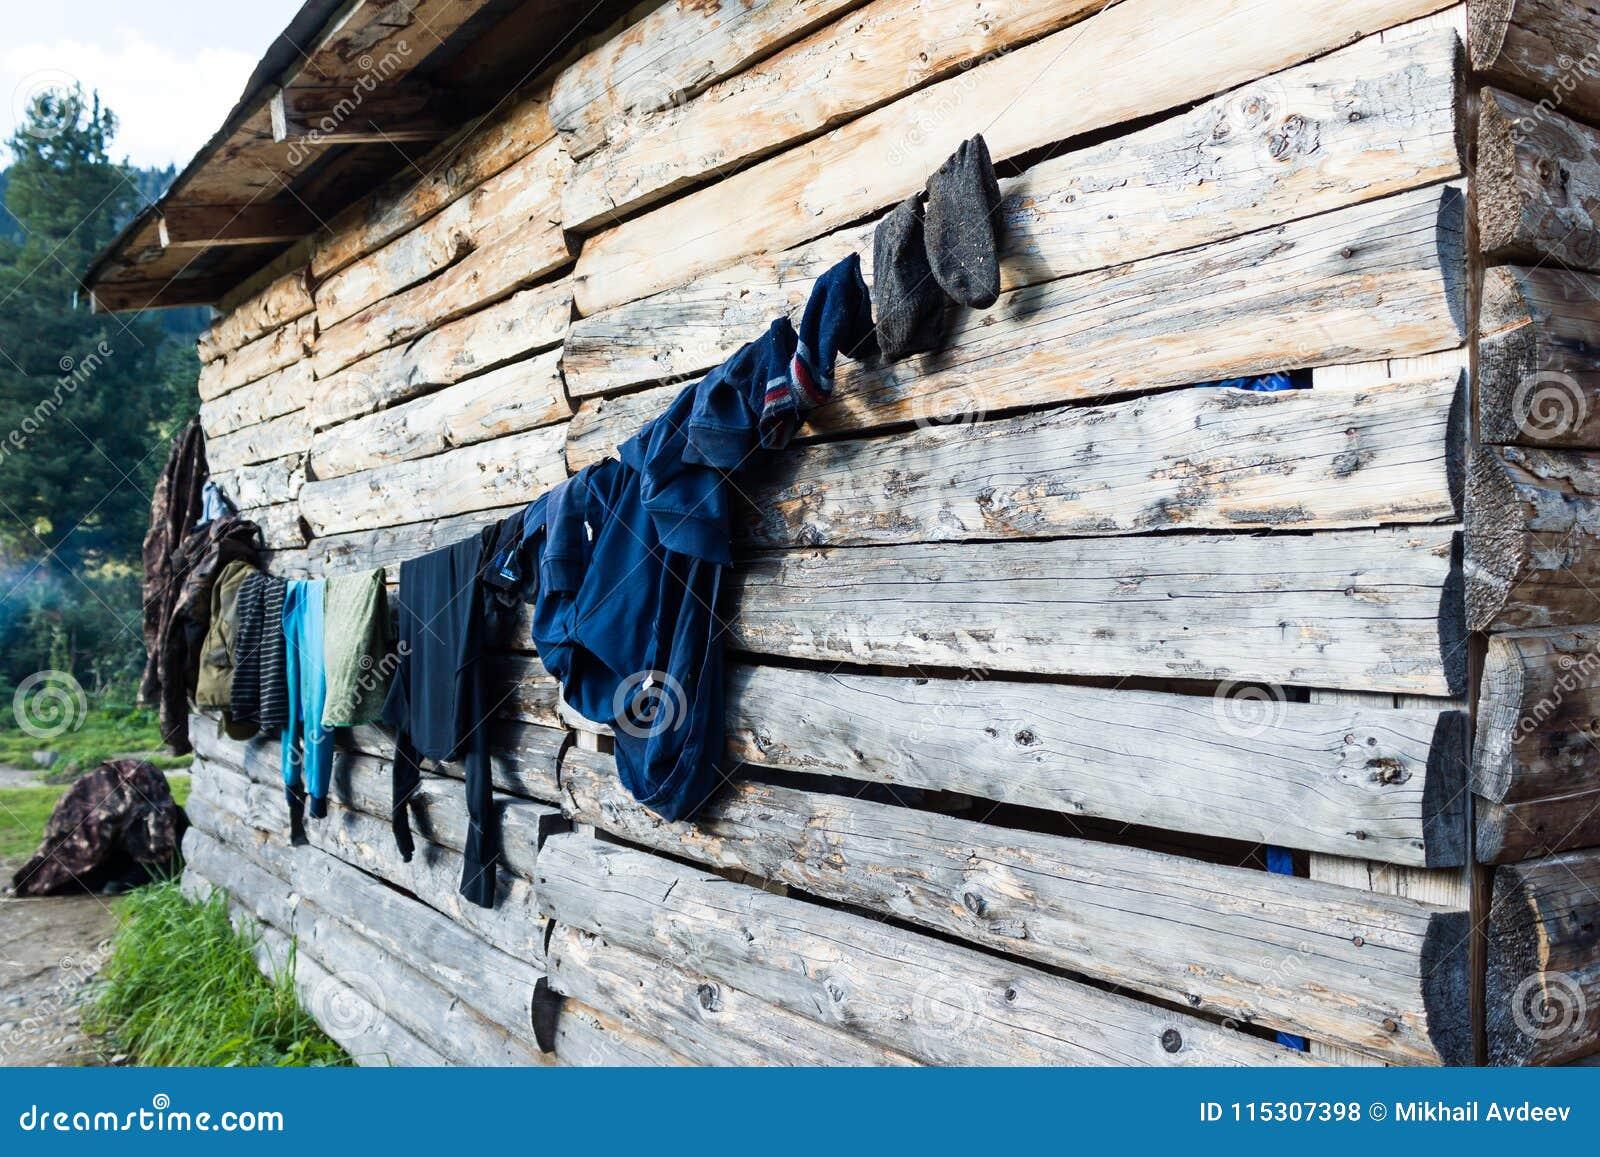 La ropa se seca en la pared